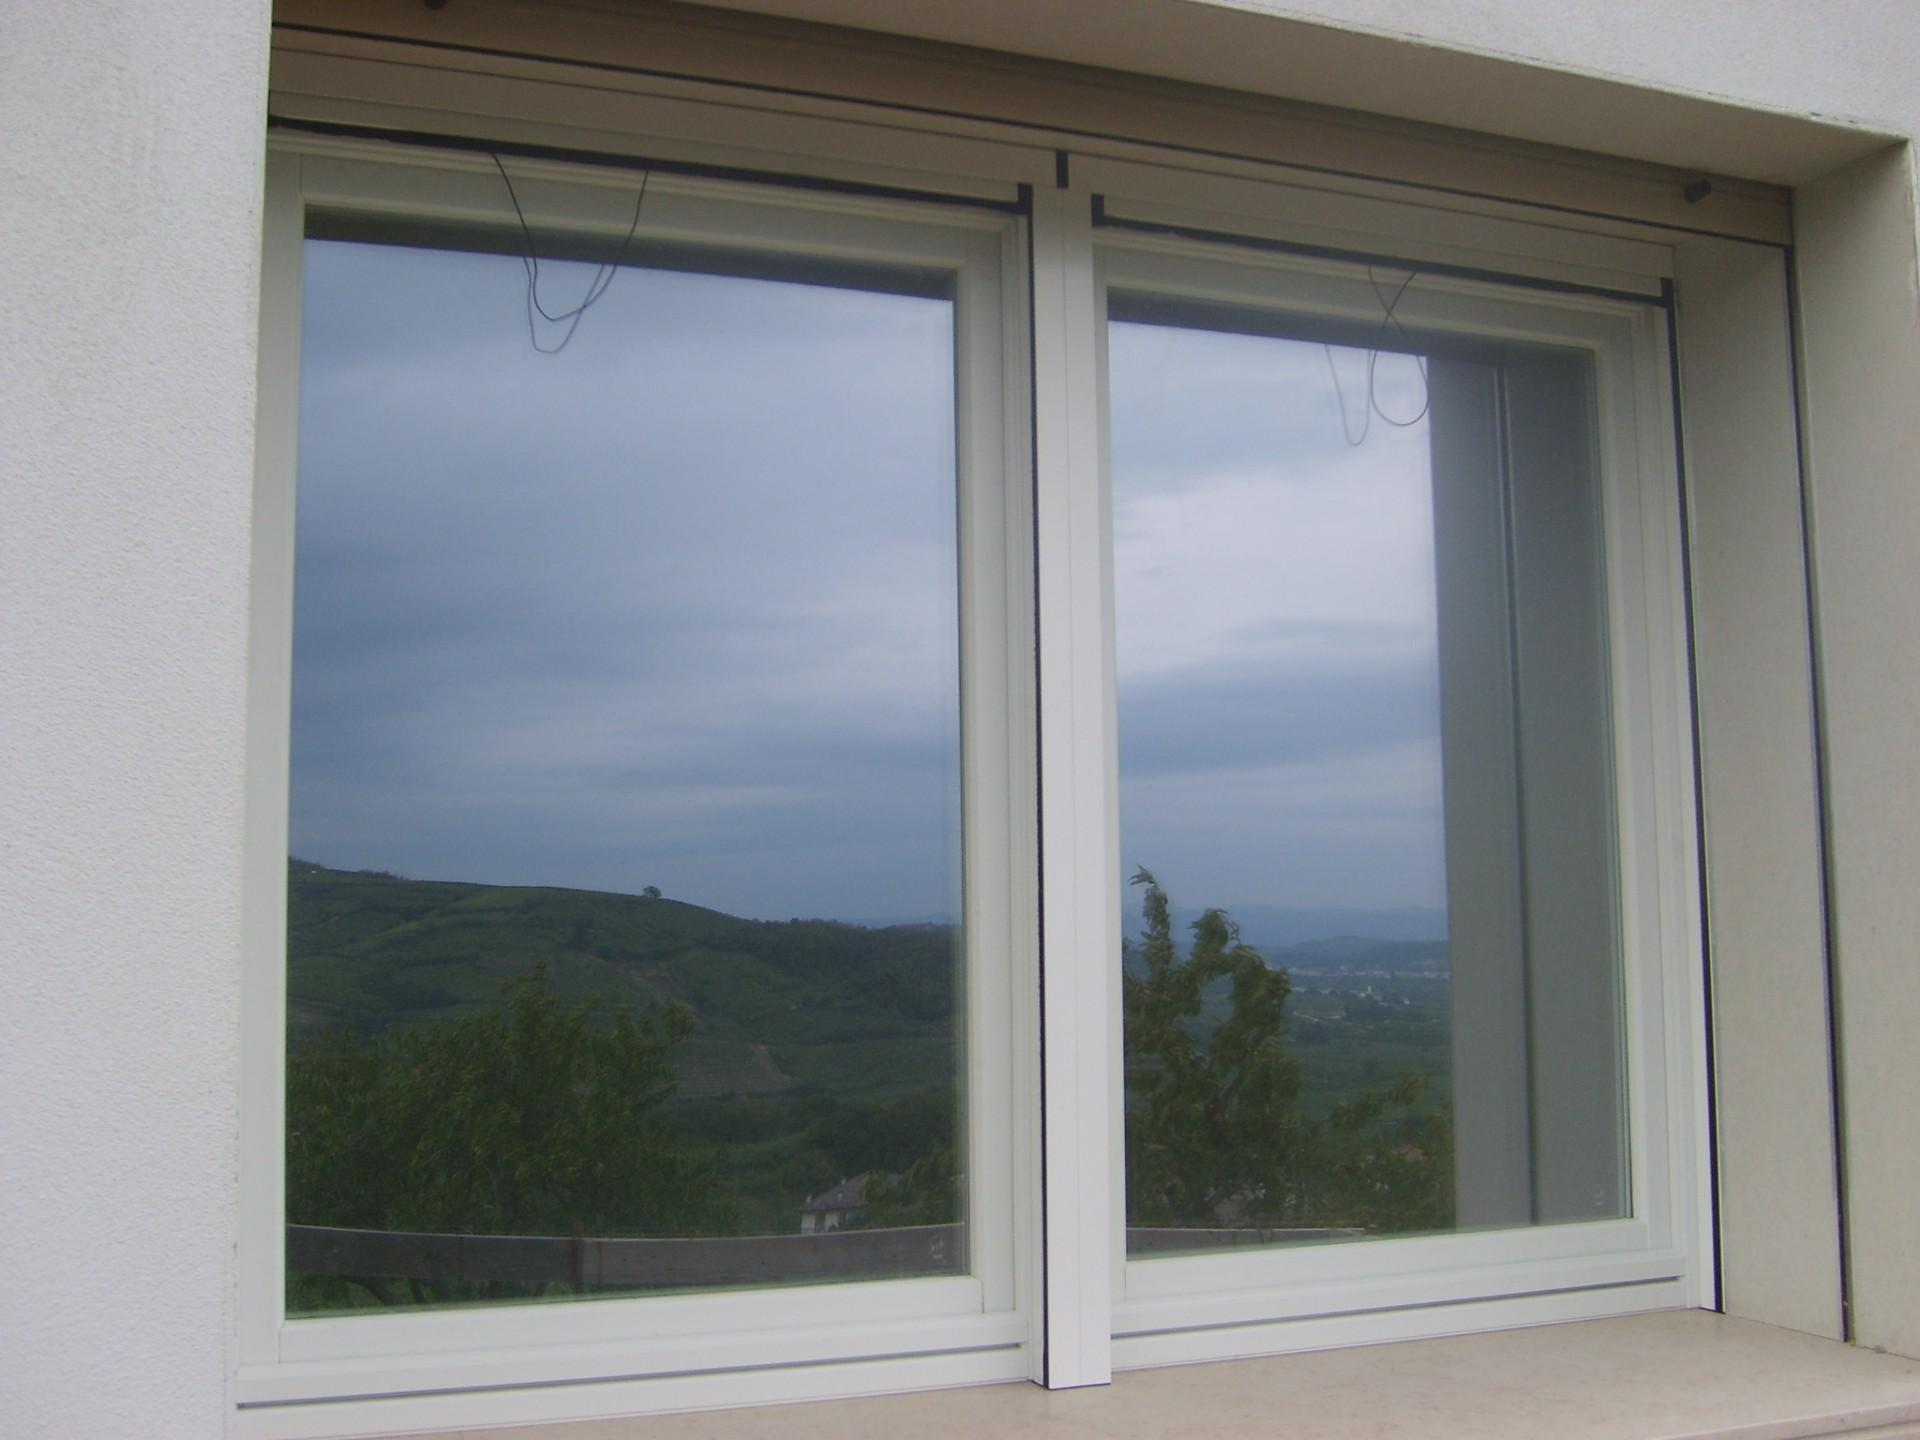 Zanzariere verona su misura avvolgibili scorrevoli e - Zanzariere per porta finestra prezzi ...